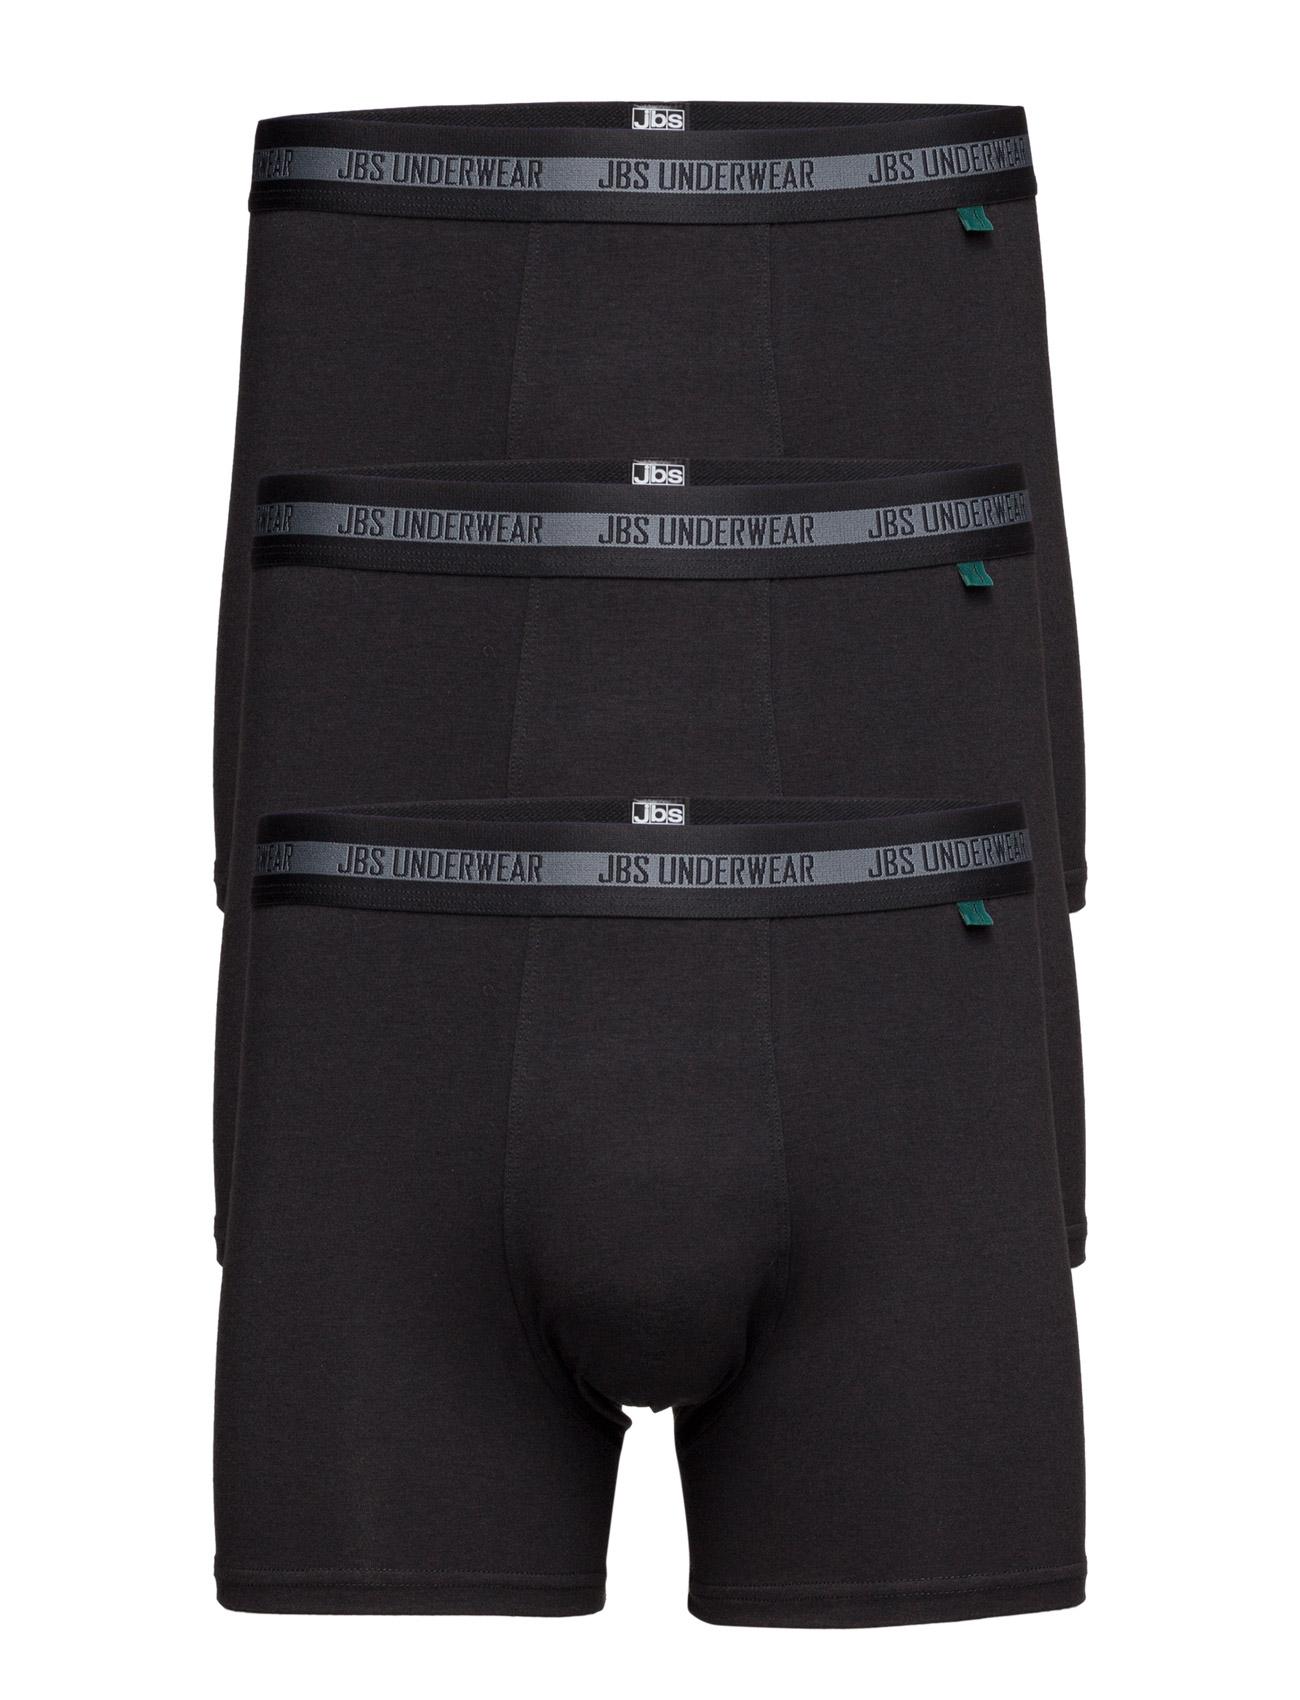 JBS 3 pack tights bamboo Boxershorts